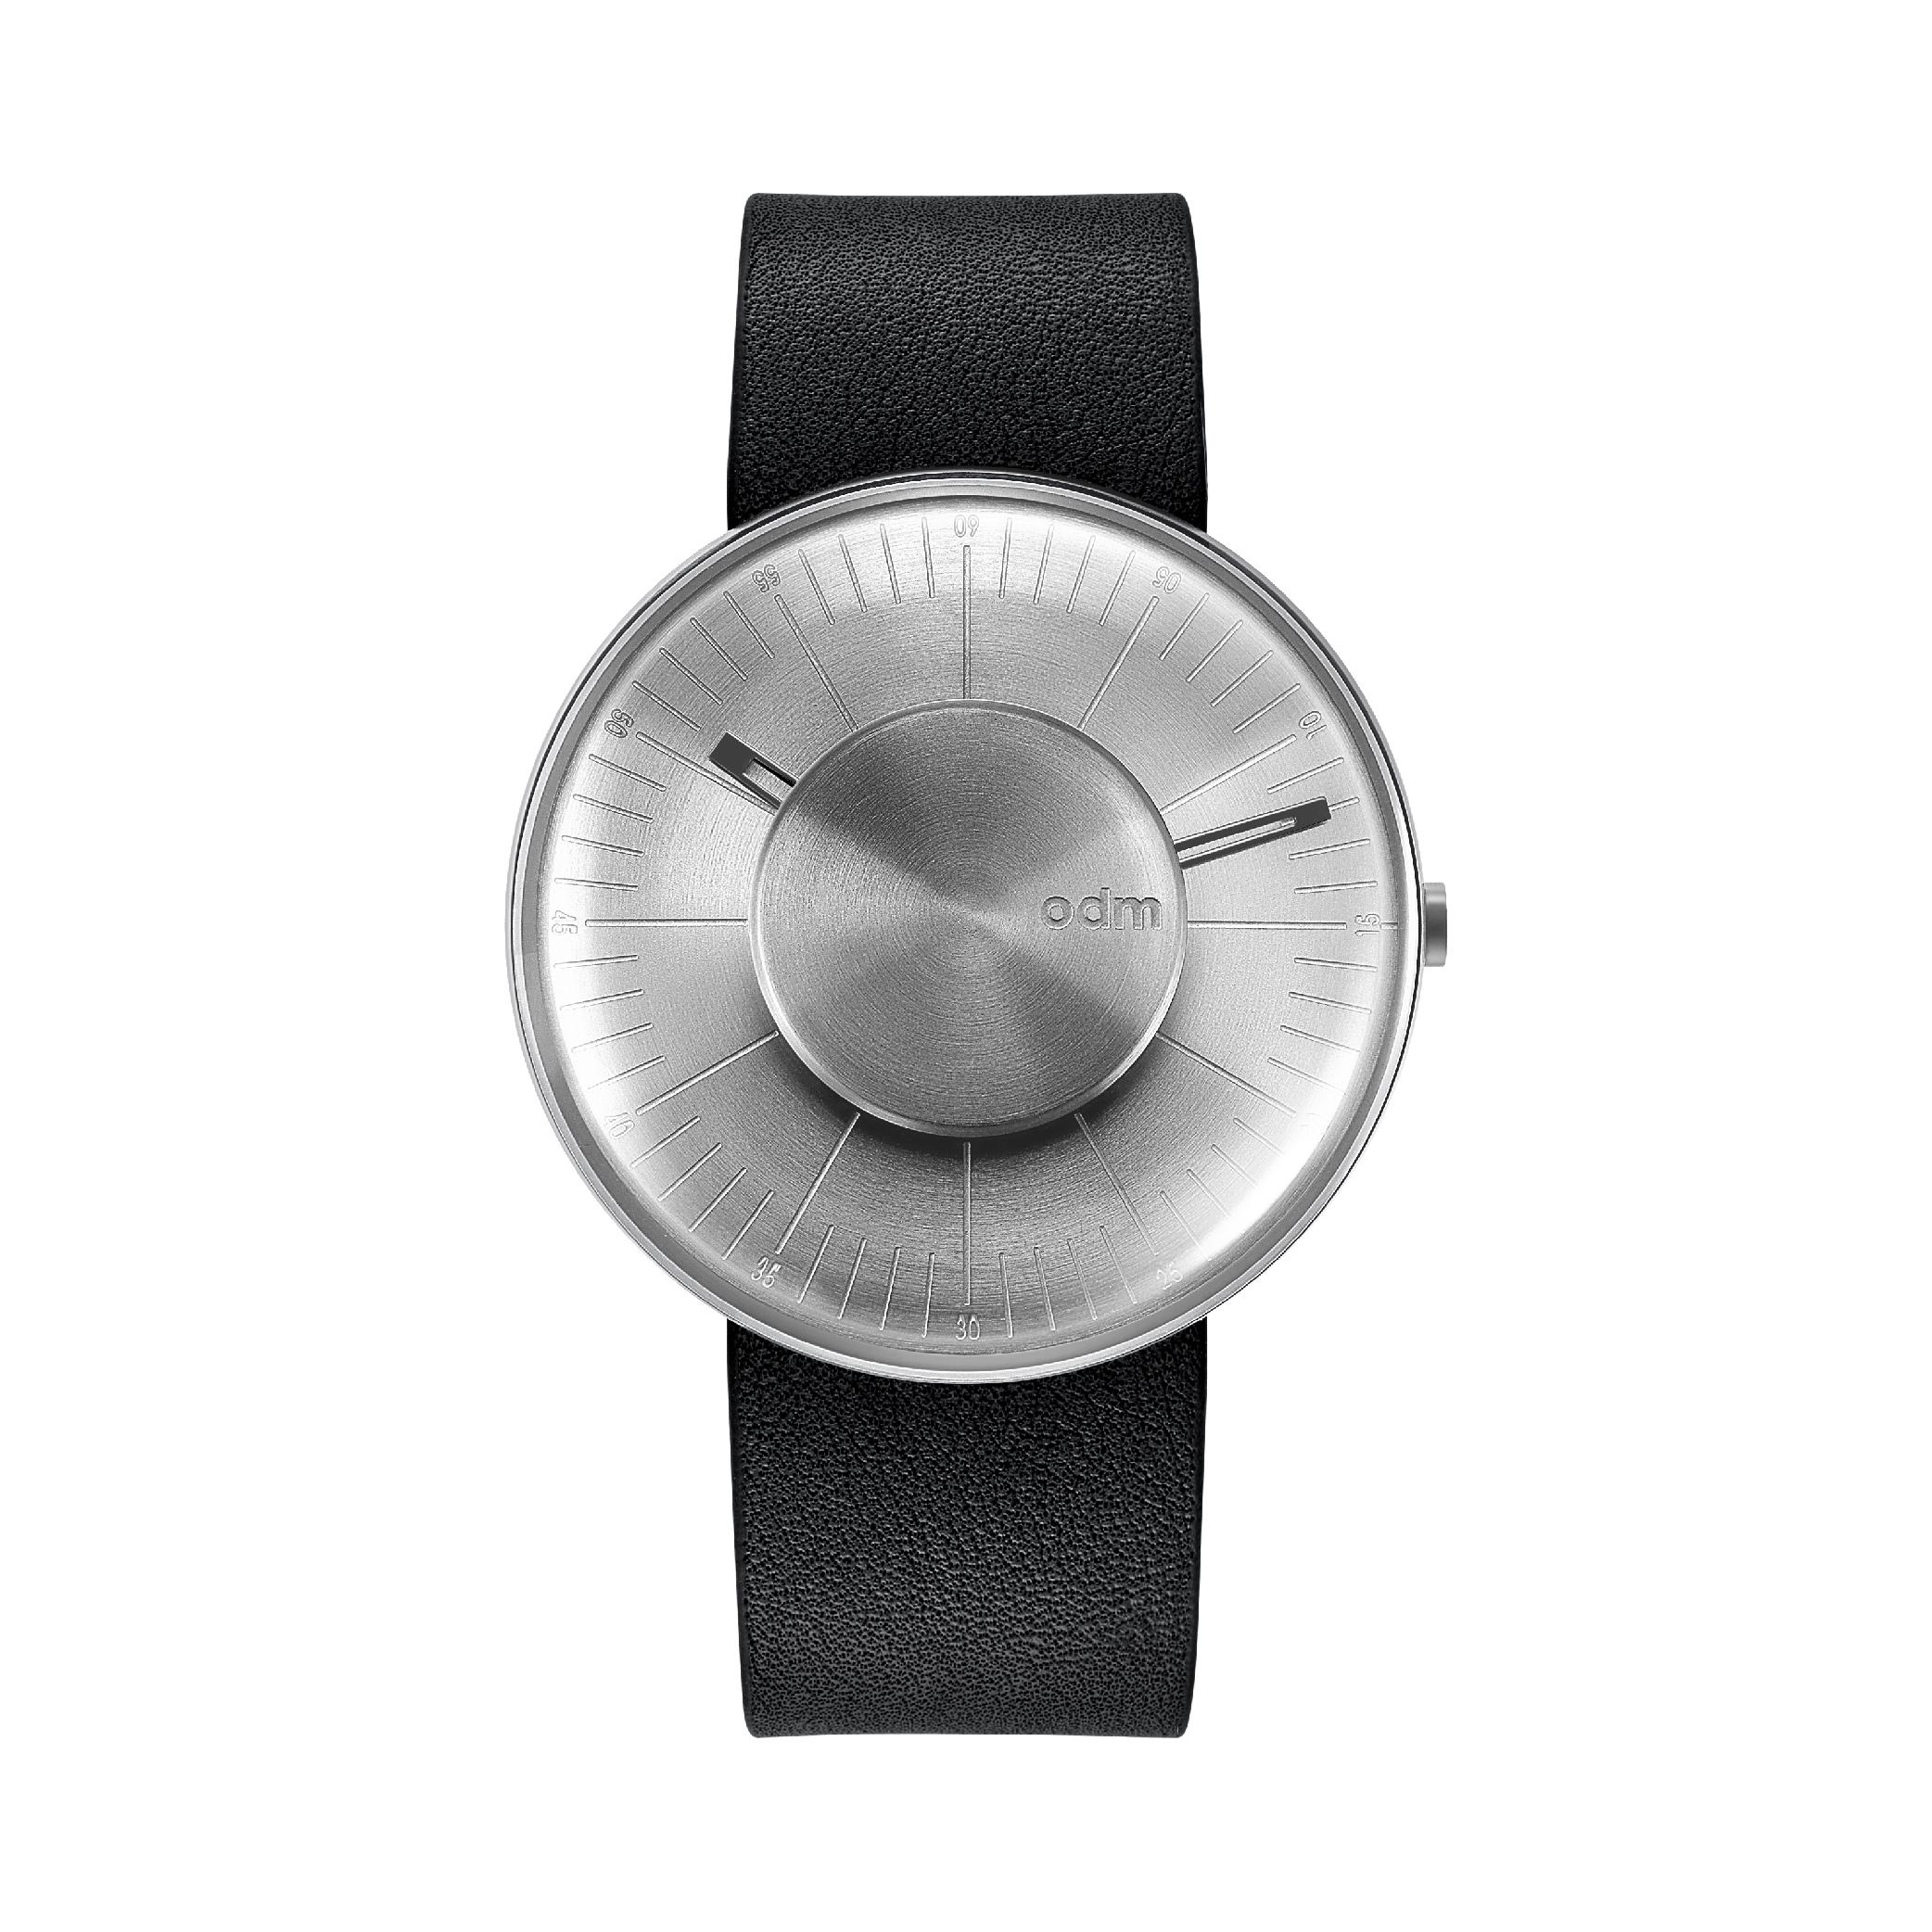 นาฬิกาข้อมือ ODM DD172-01